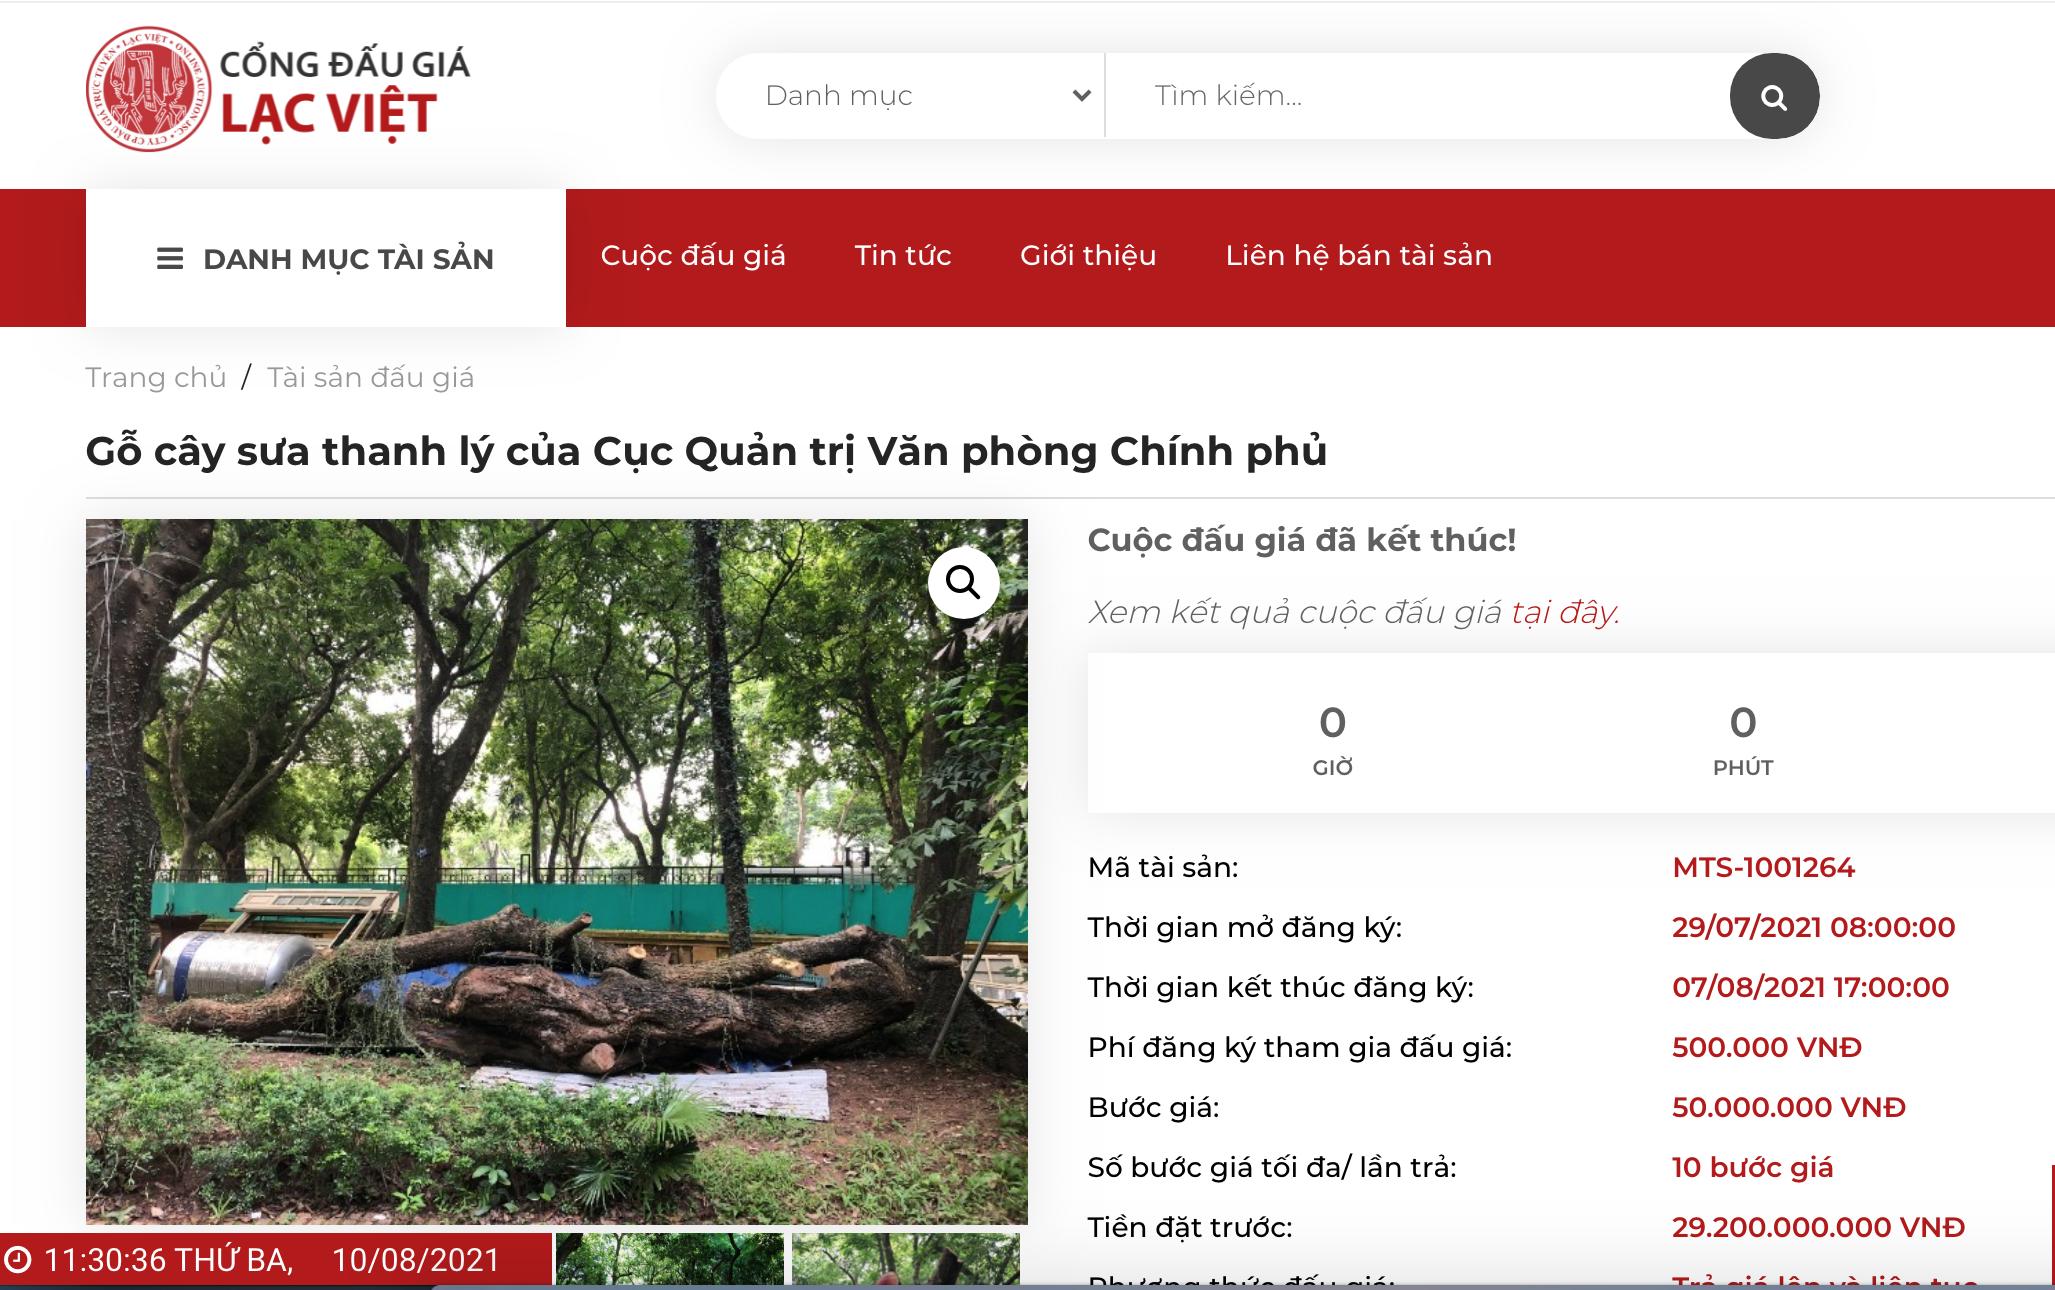 Hà Nội: Đấu giá trực tuyến 7 cây gỗ sưa được gần 235 tỷ đồng - 1